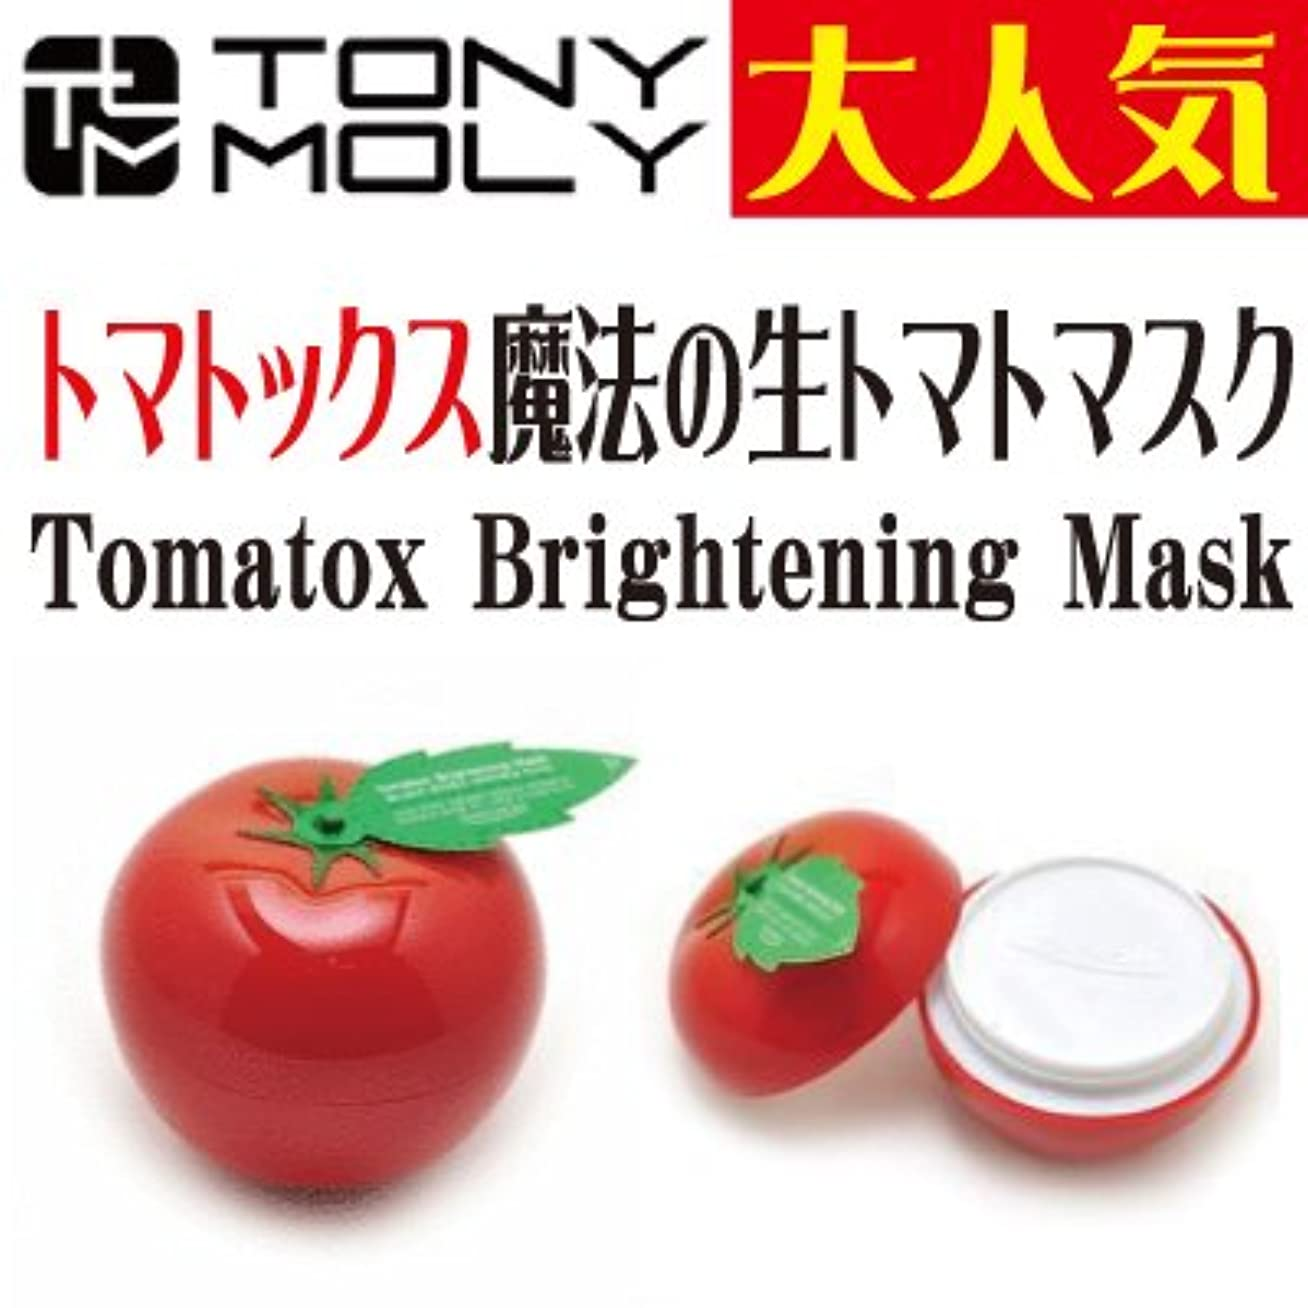 パーツ曲線平らなTONYMOLY(トニーモリー)トマトックス ブライトニング マスク